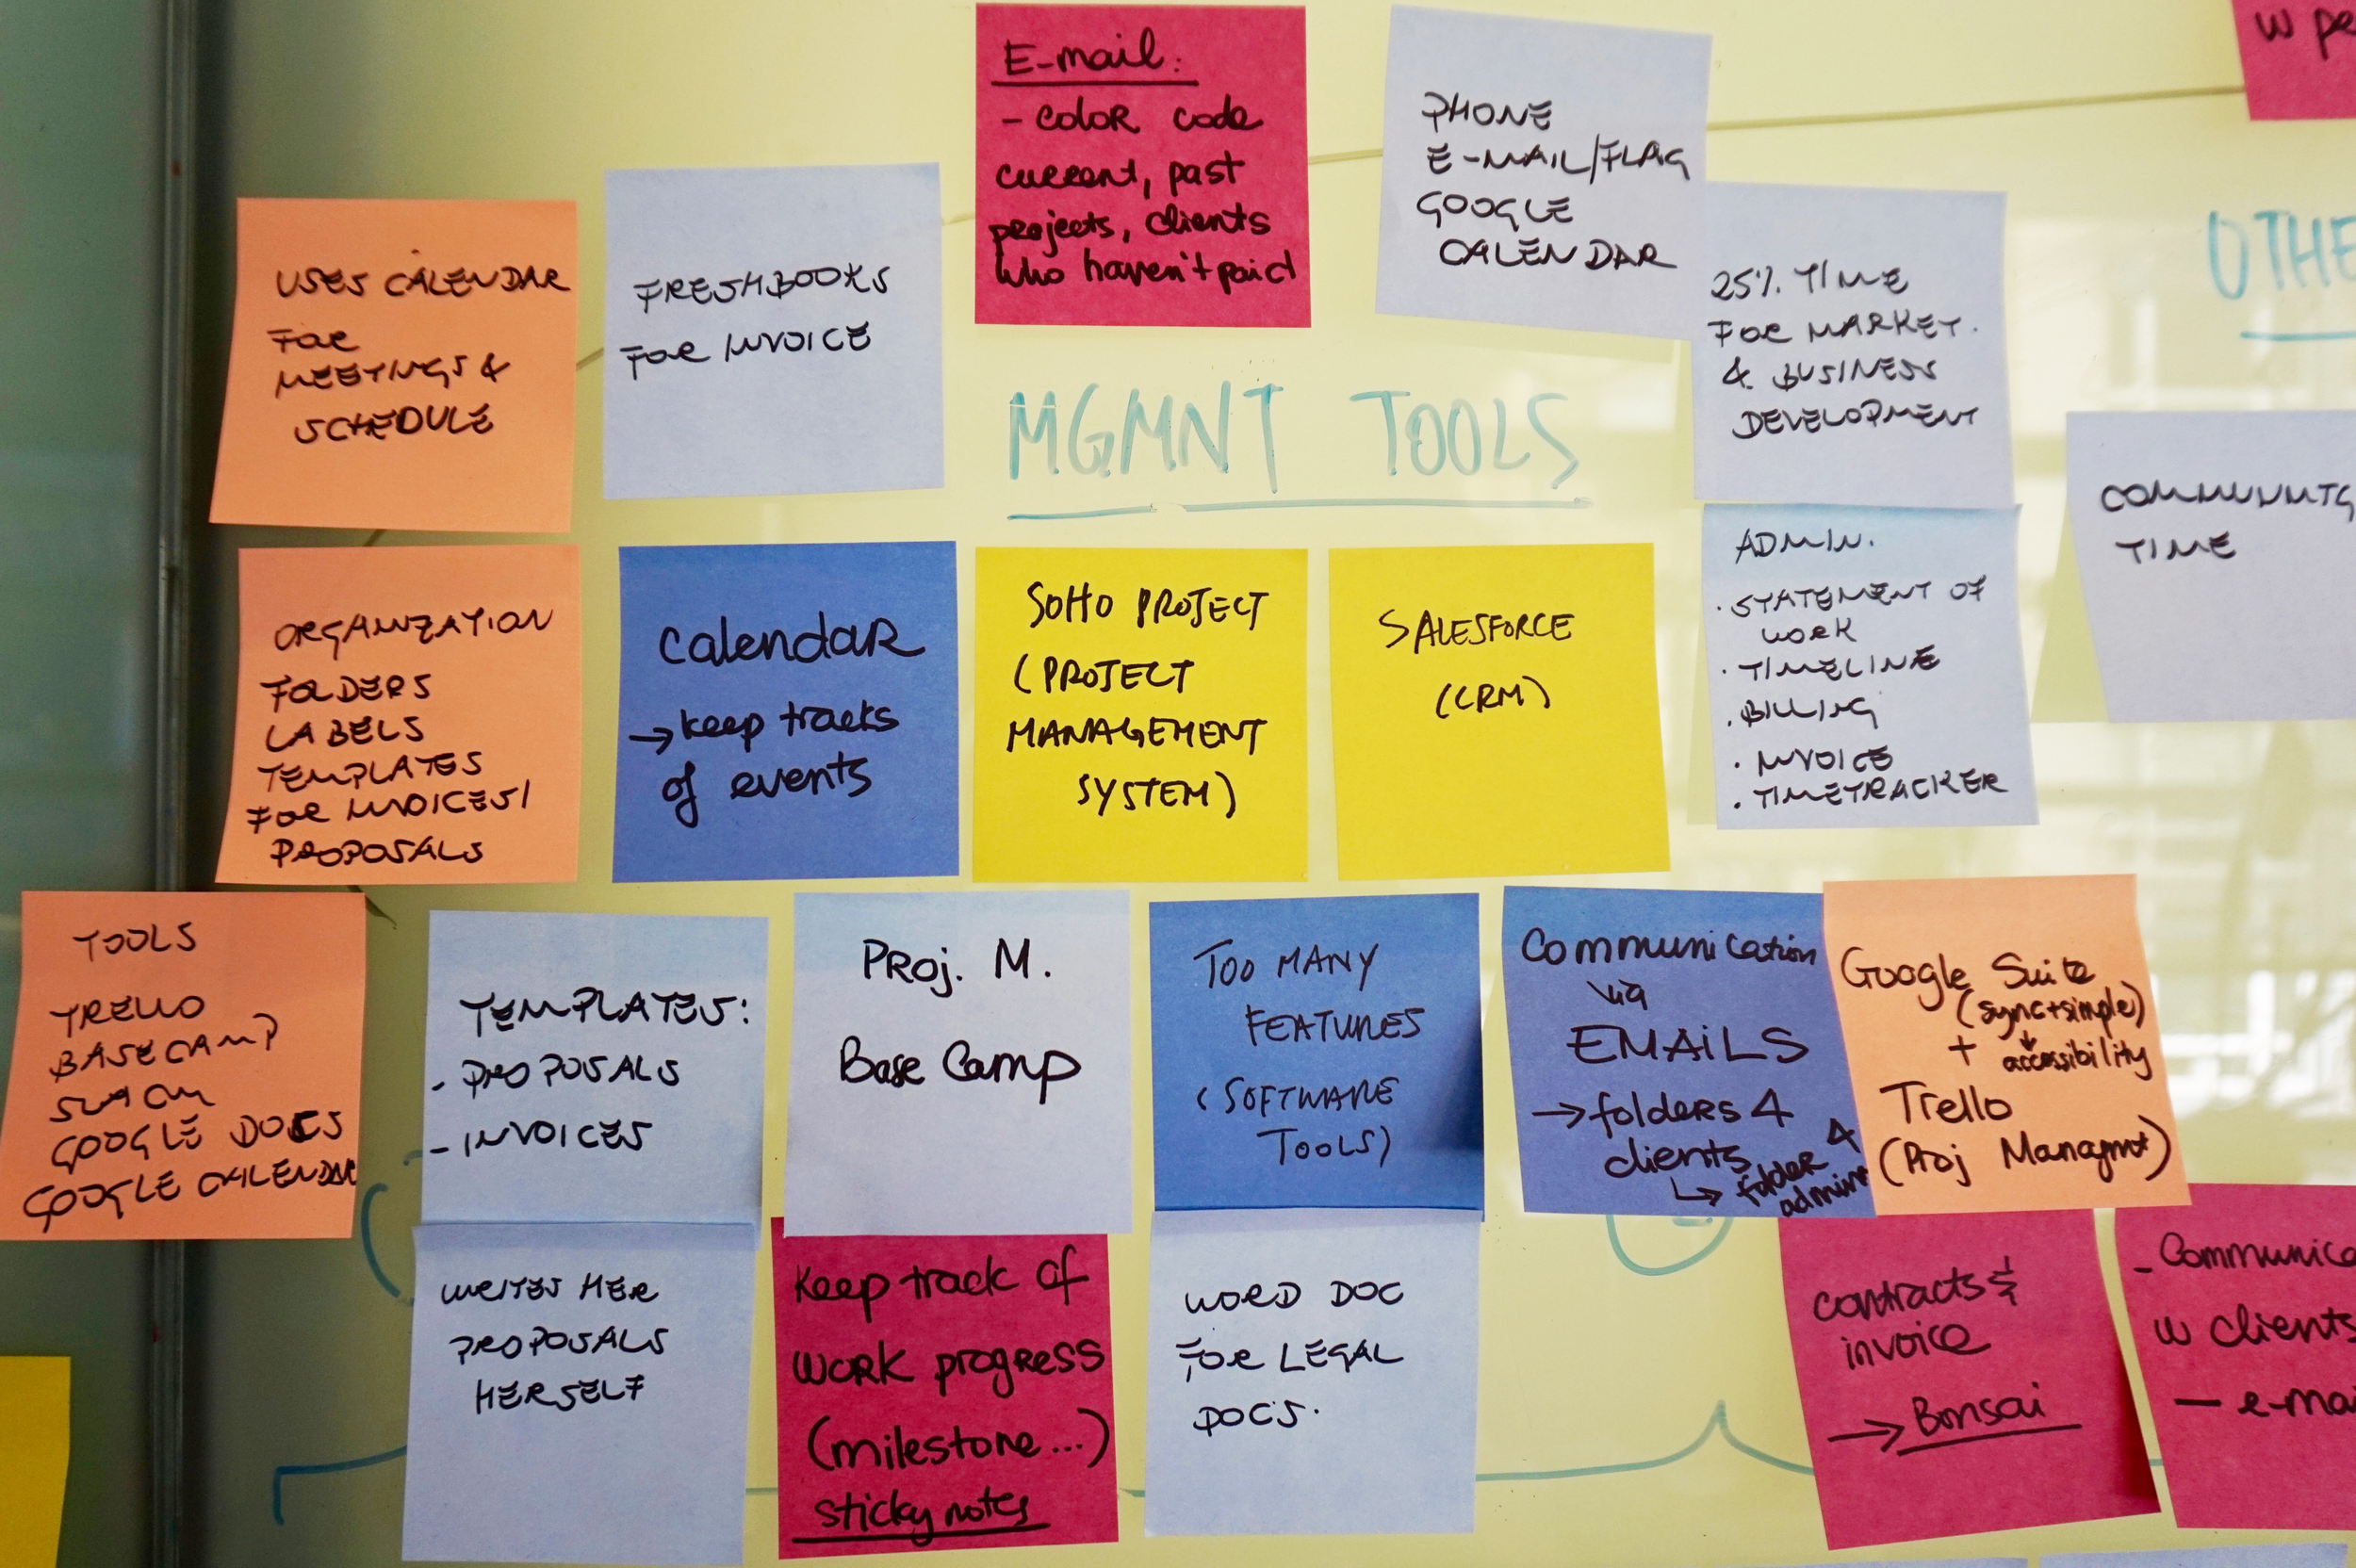 Process: Project management